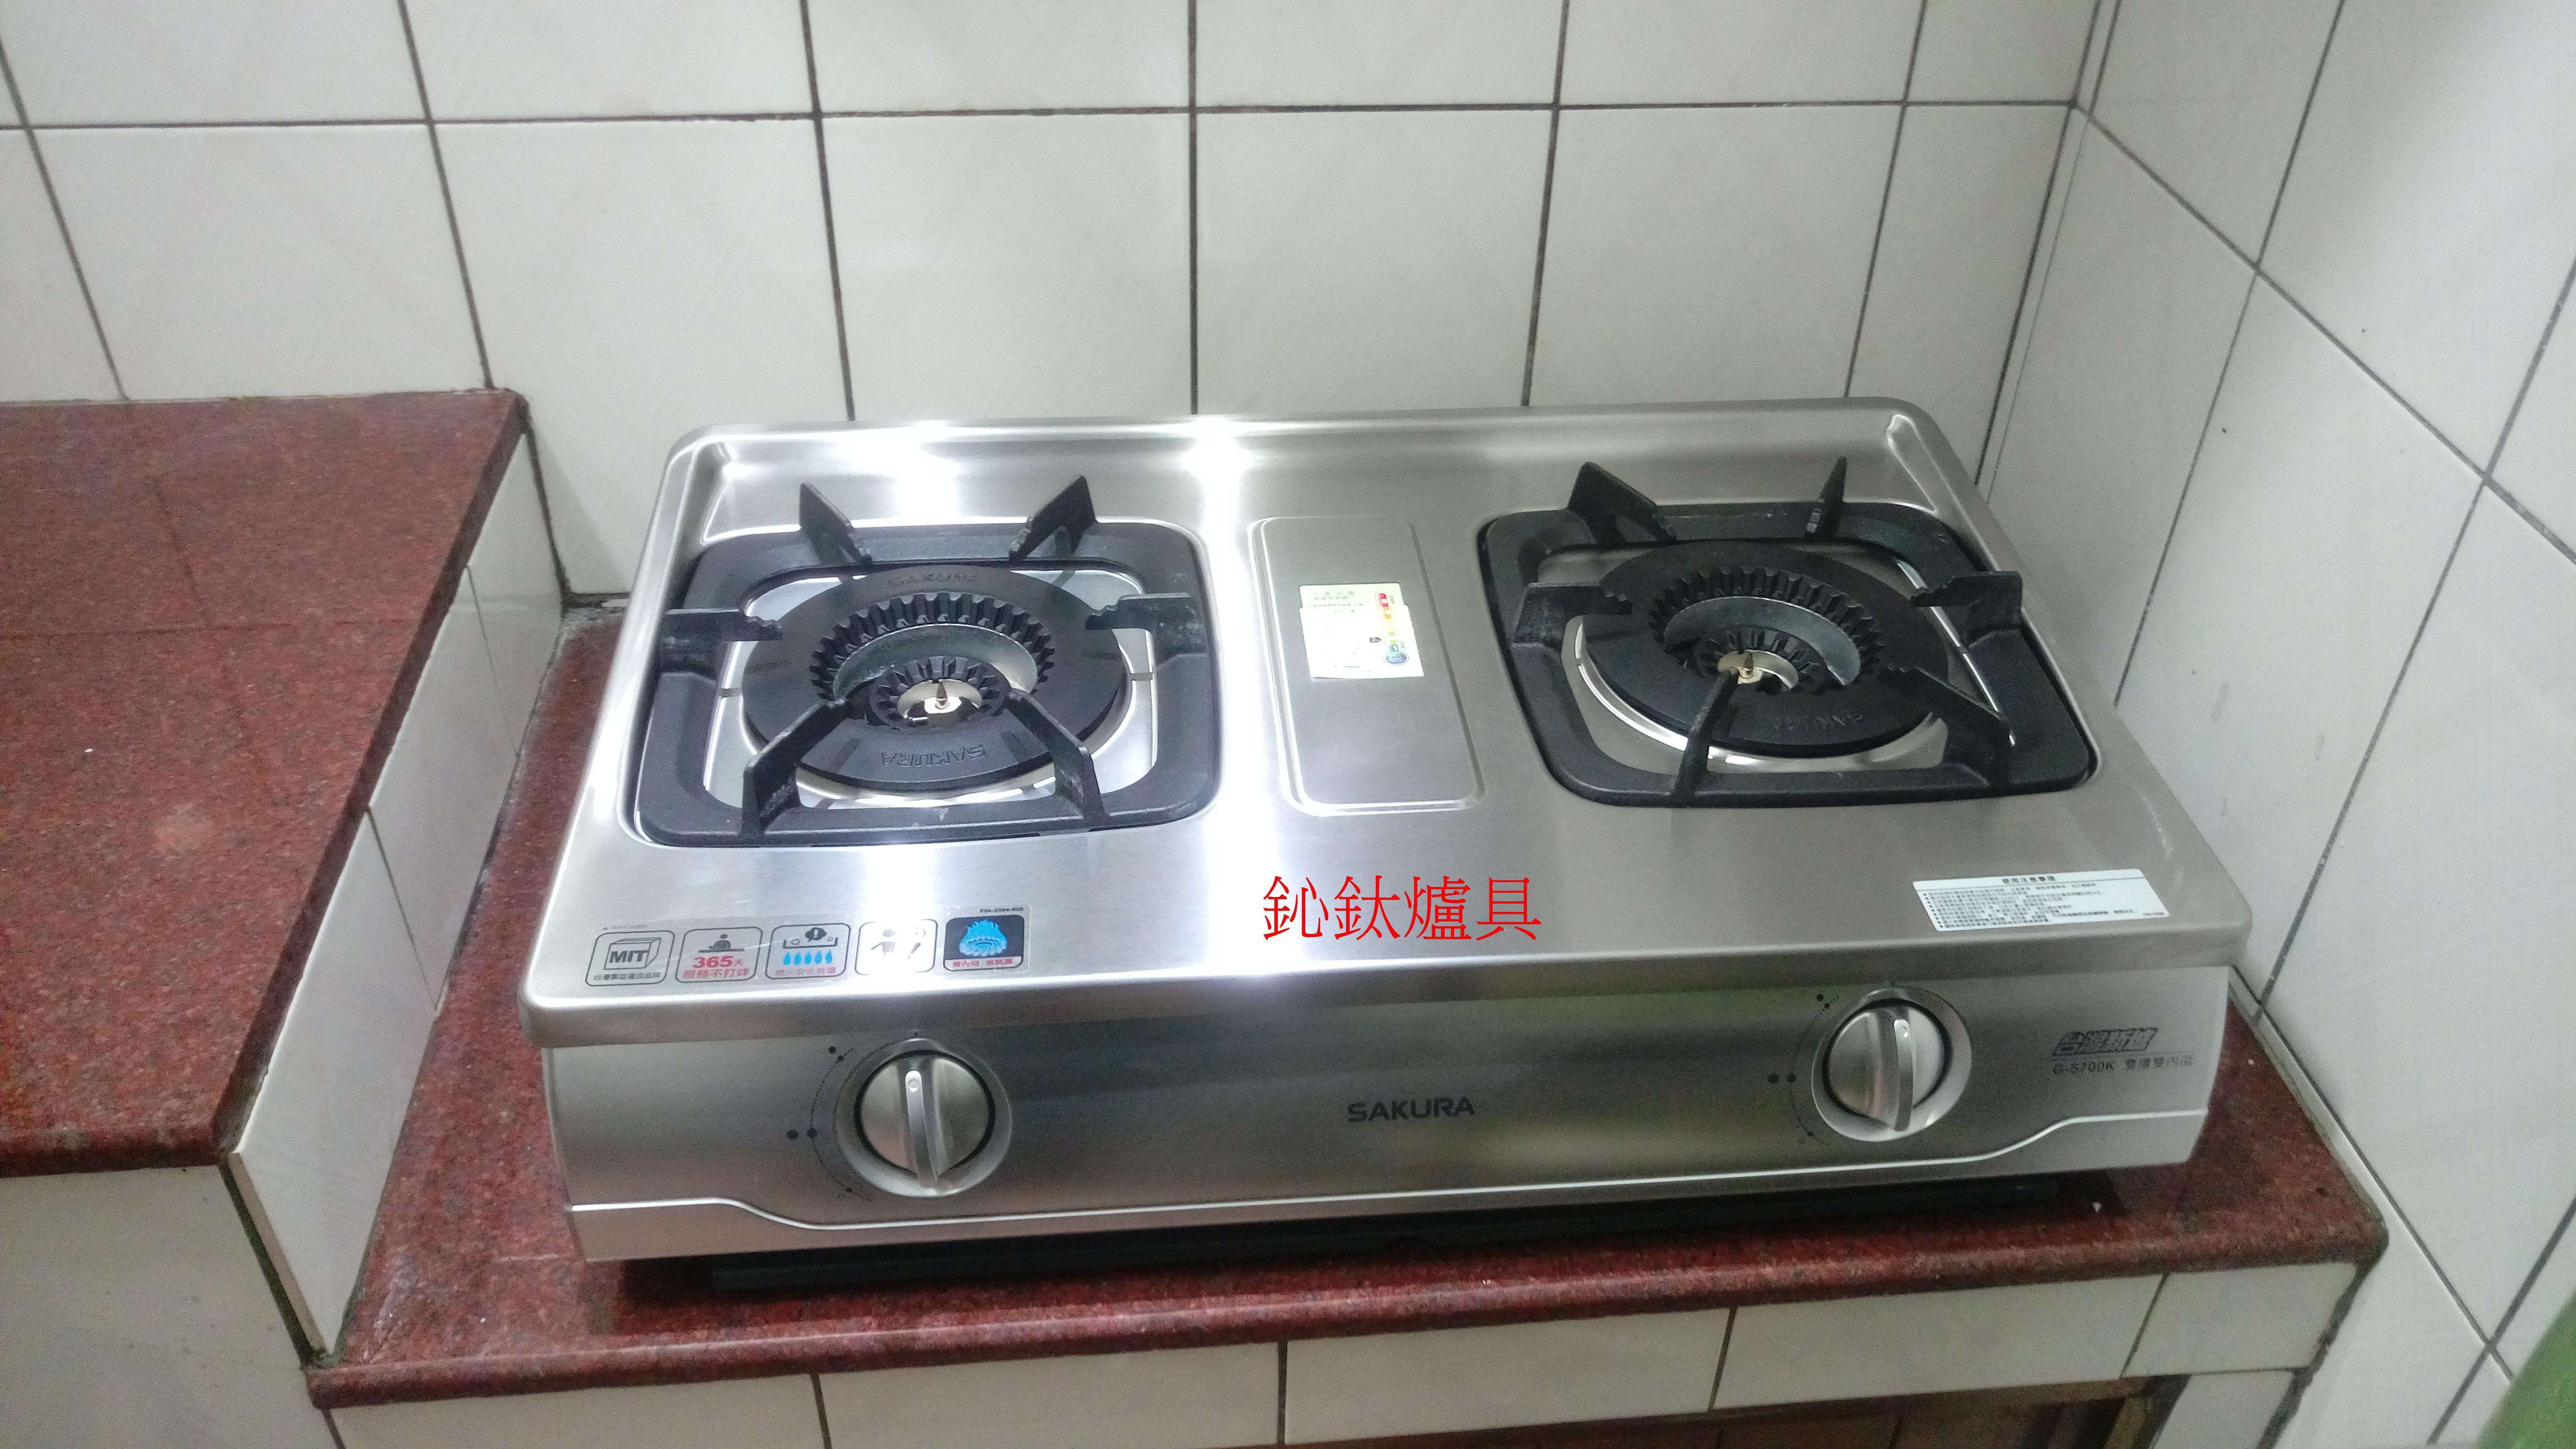 櫻花瓦斯爐G-5700K雙內焰安全爐.jpg